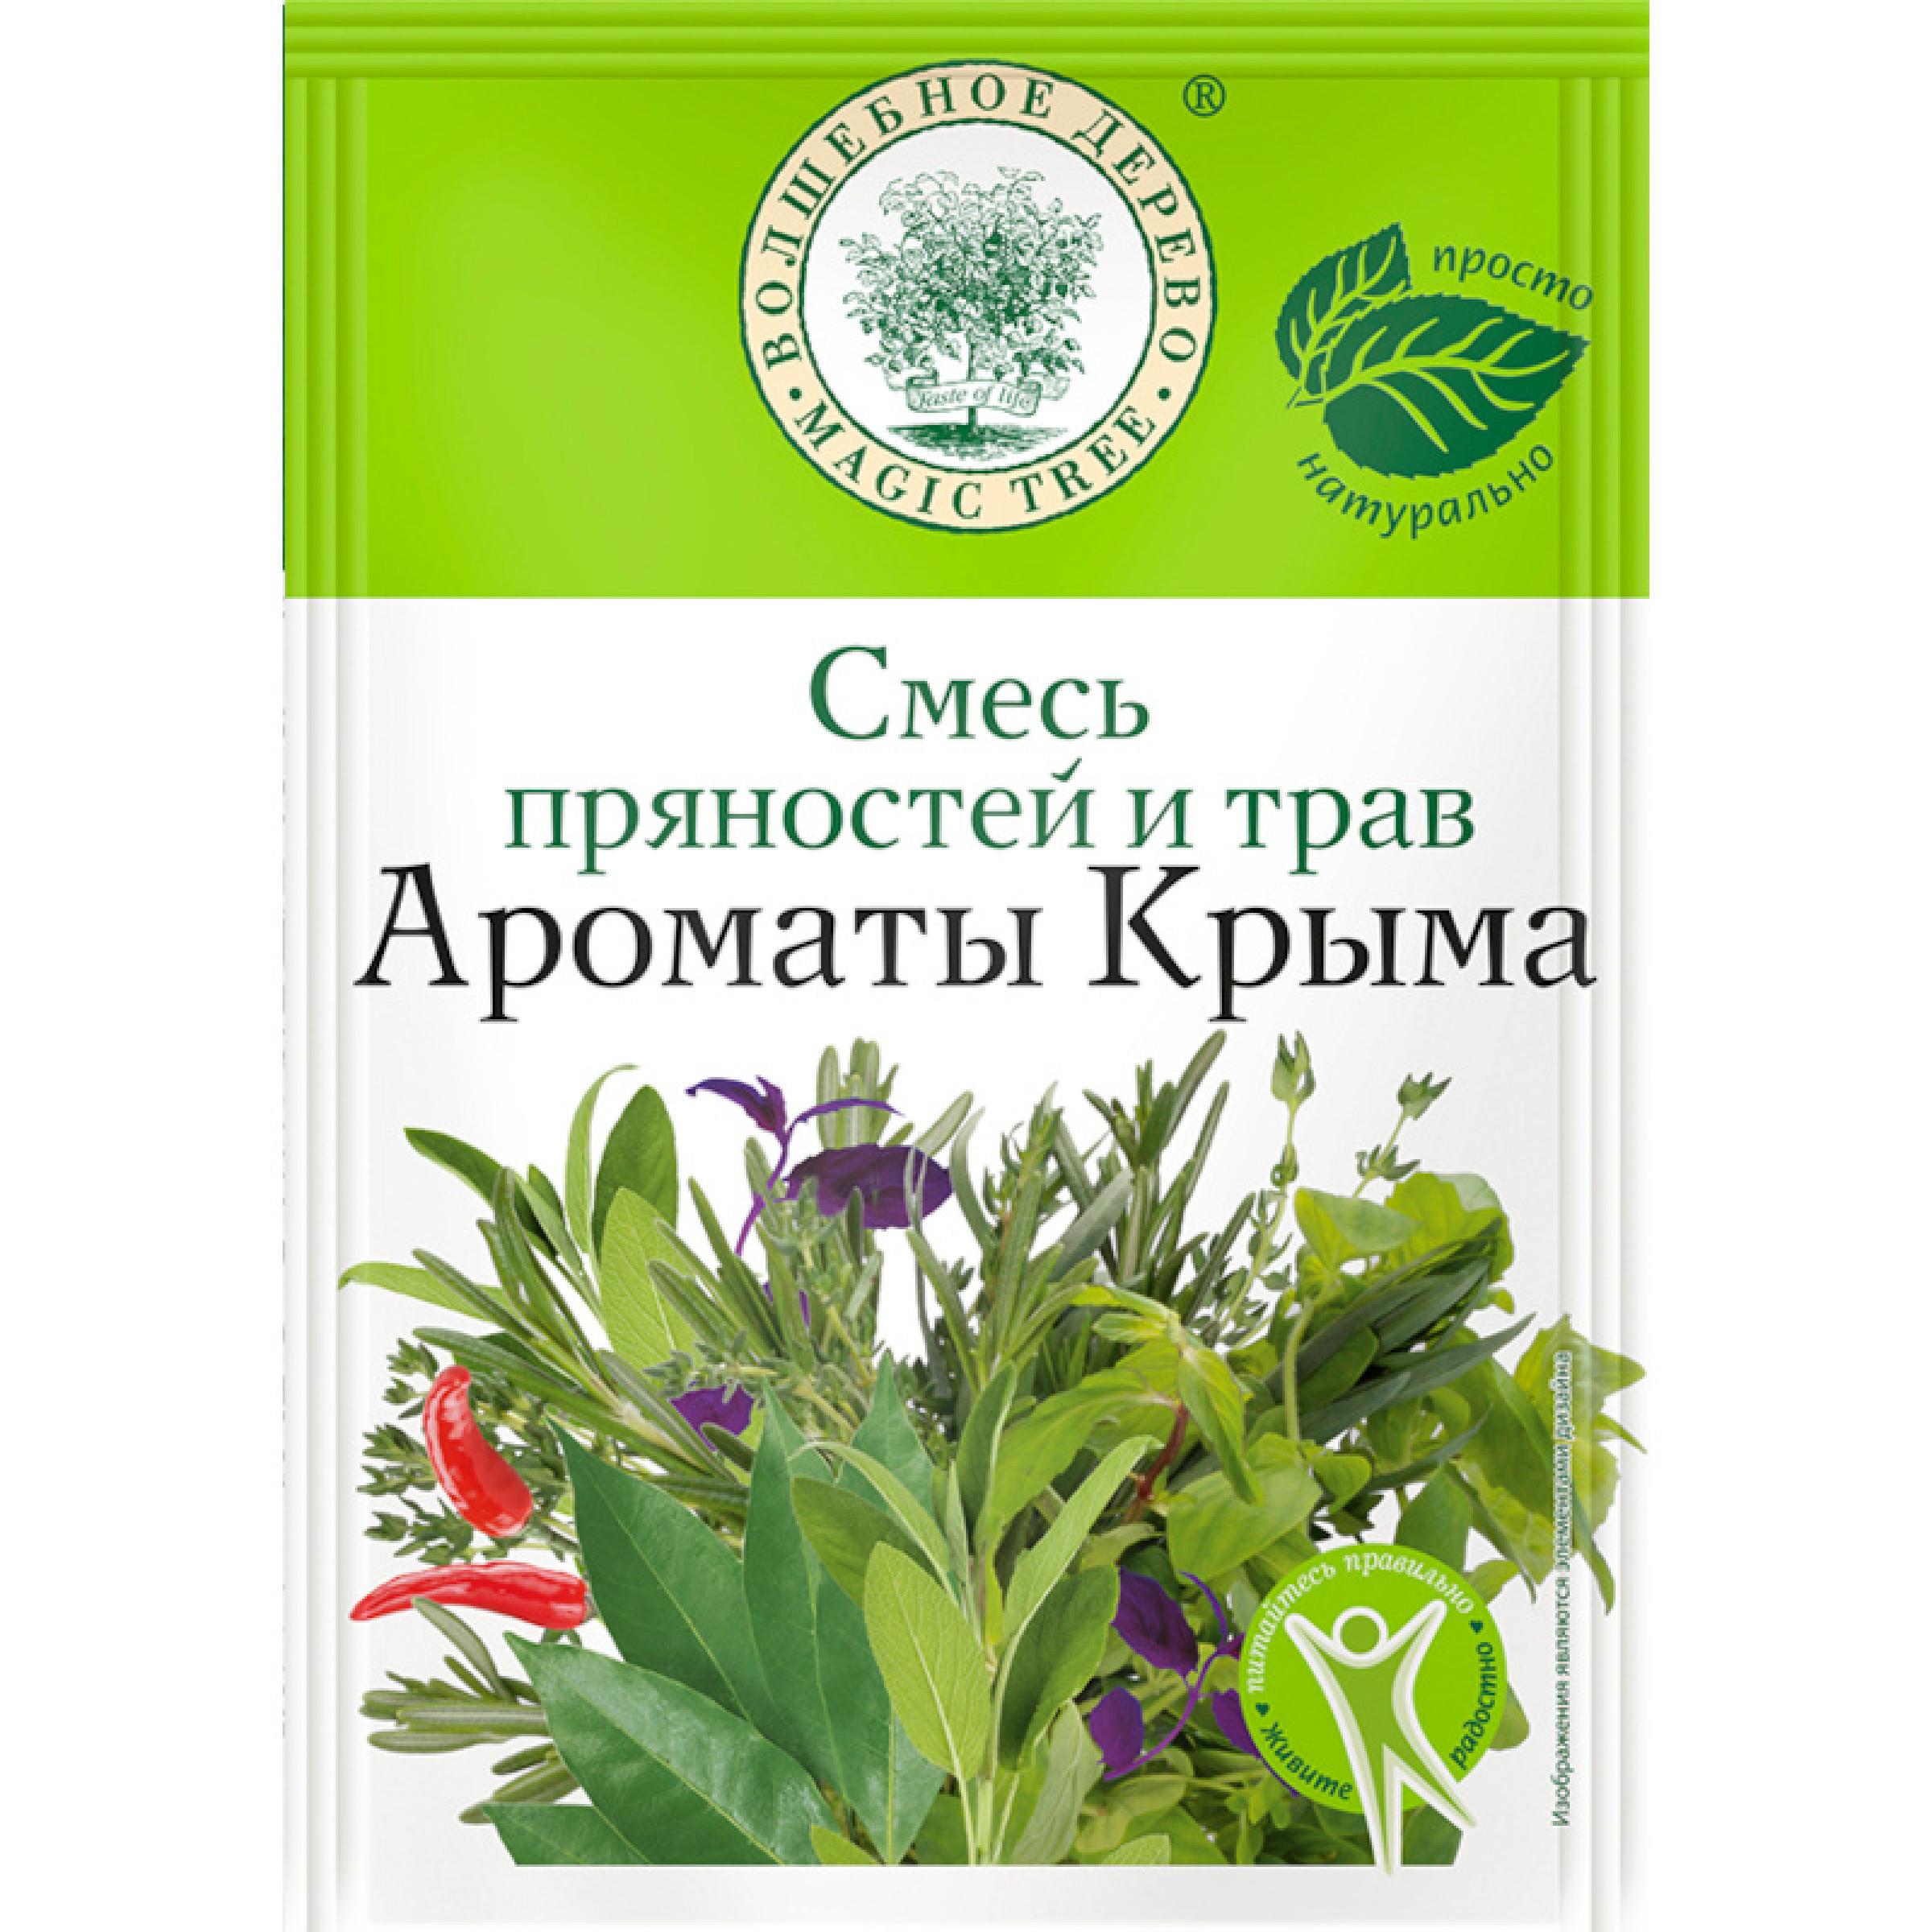 Смесь пряностей и трав «Ароматы Крыма» Волшебное дерево,  10гр